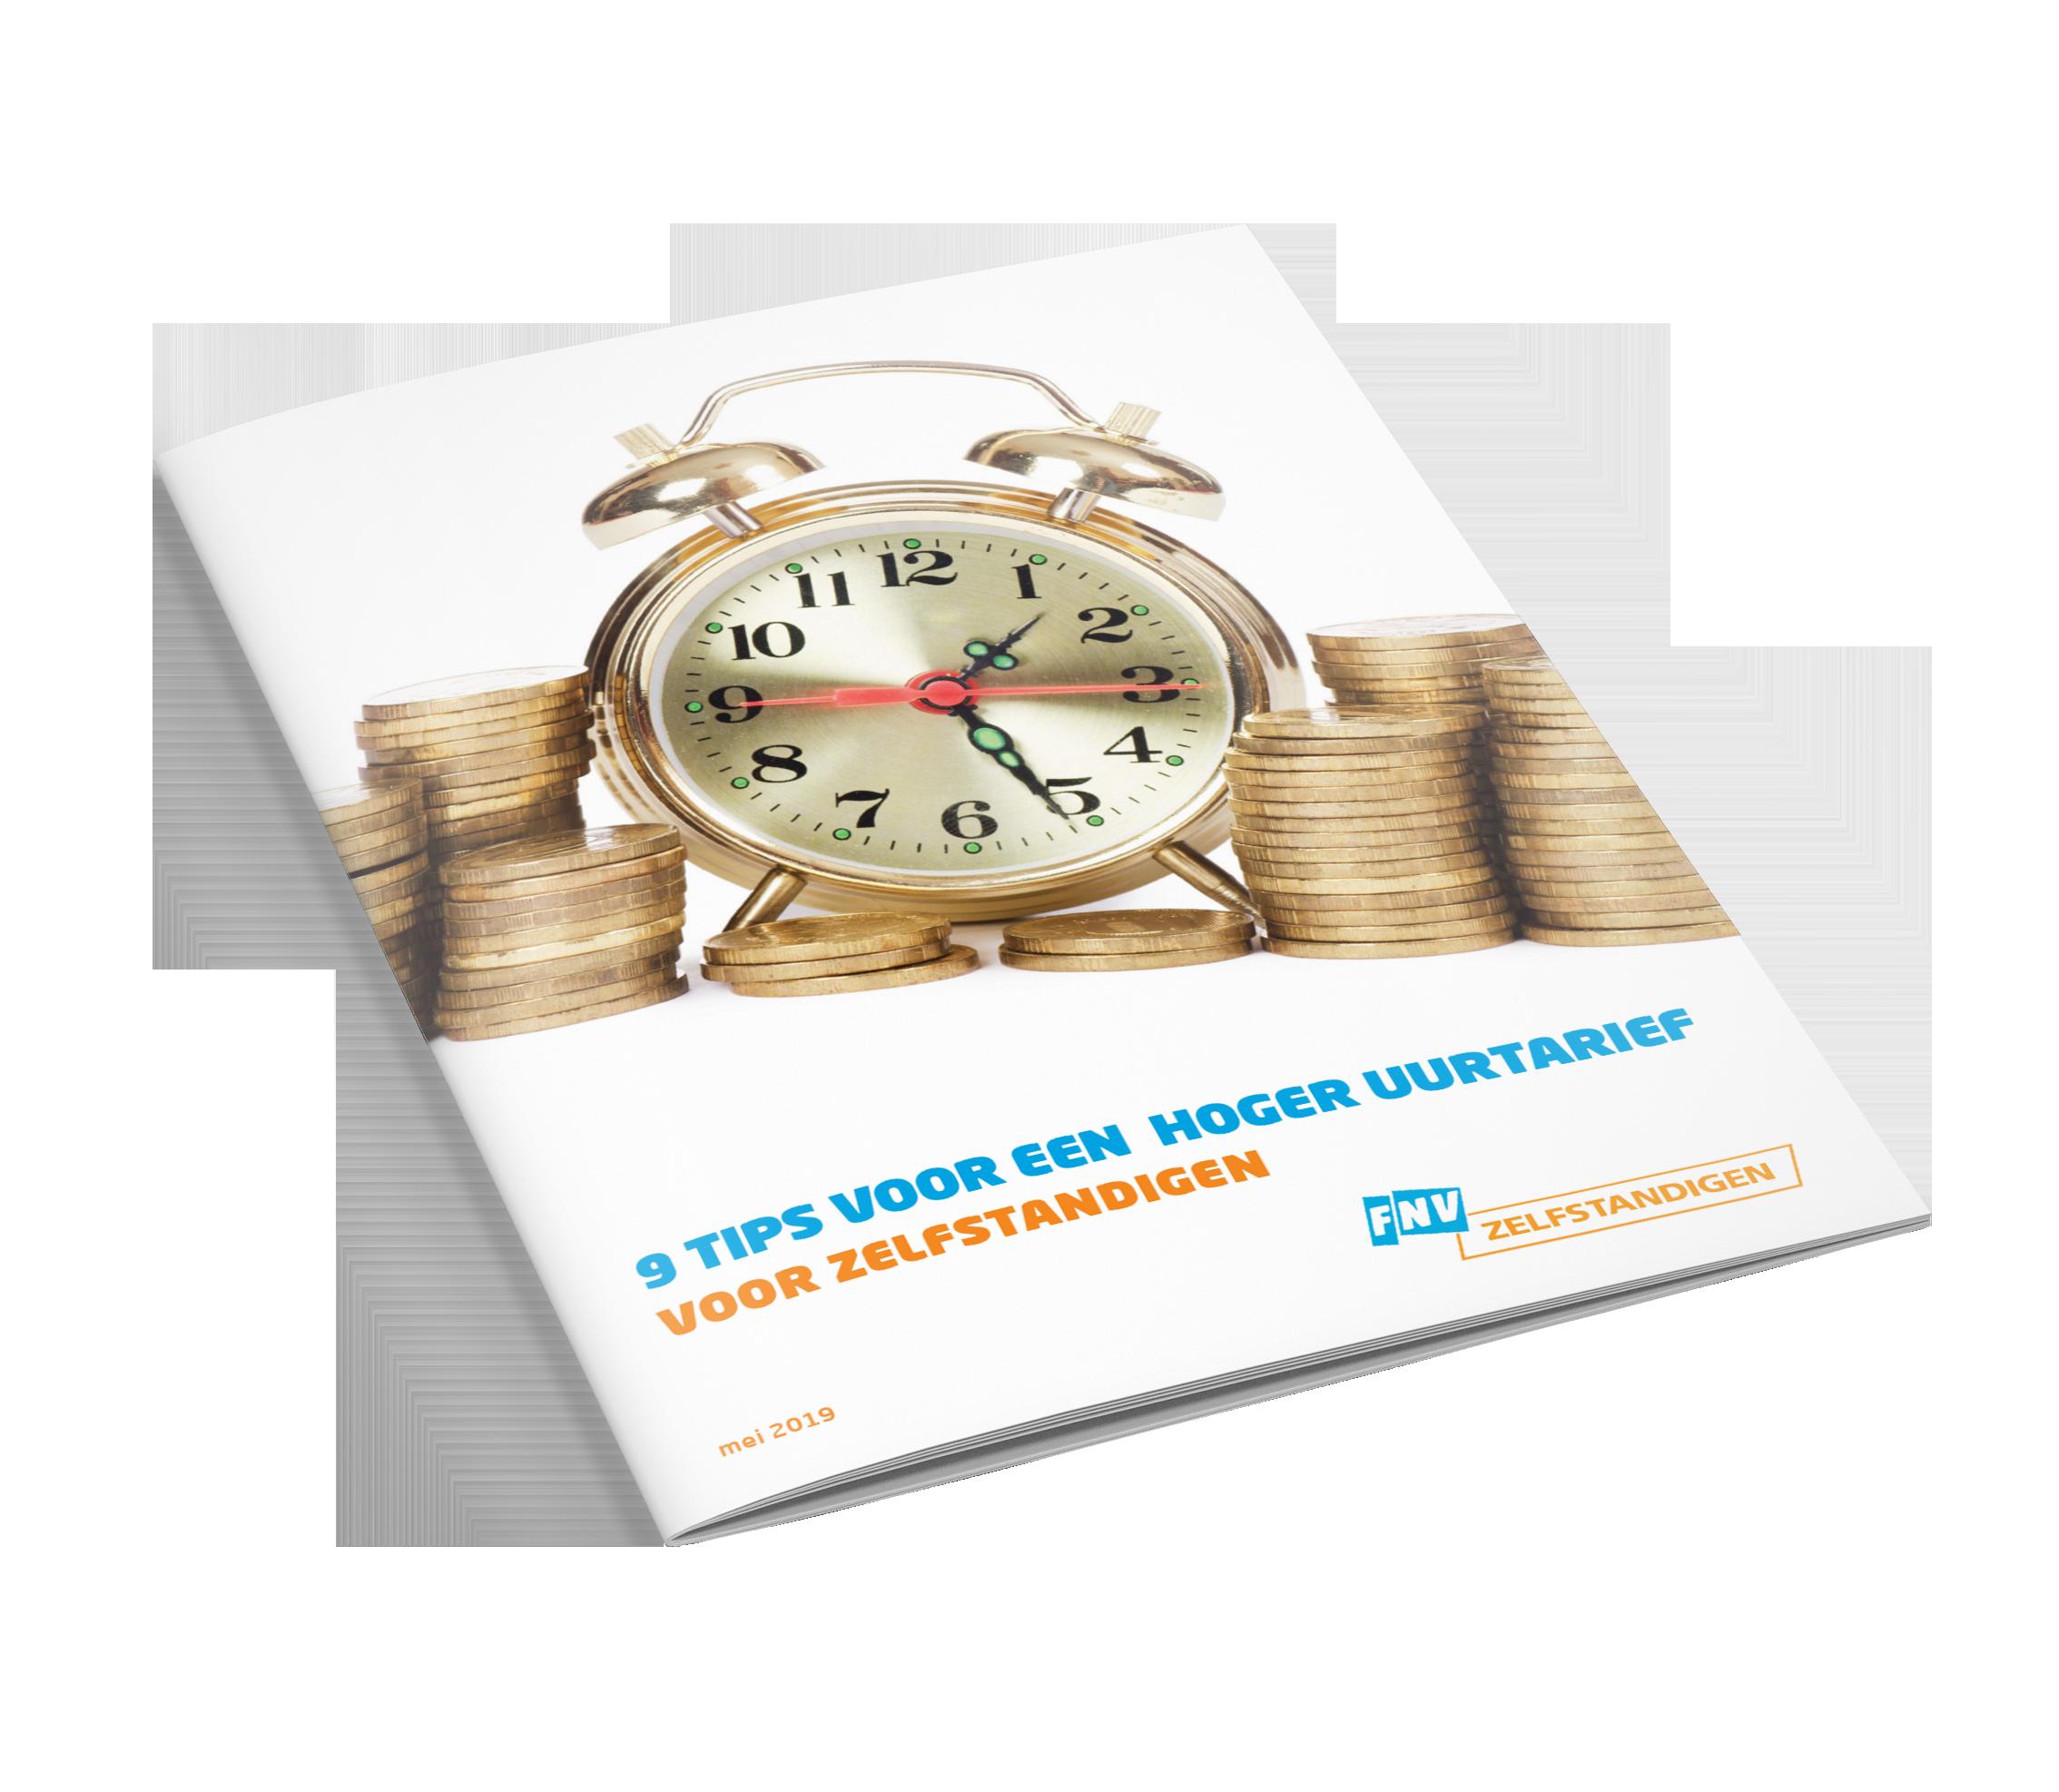 cover-9-tips-voor-een-hoger-uurtarief